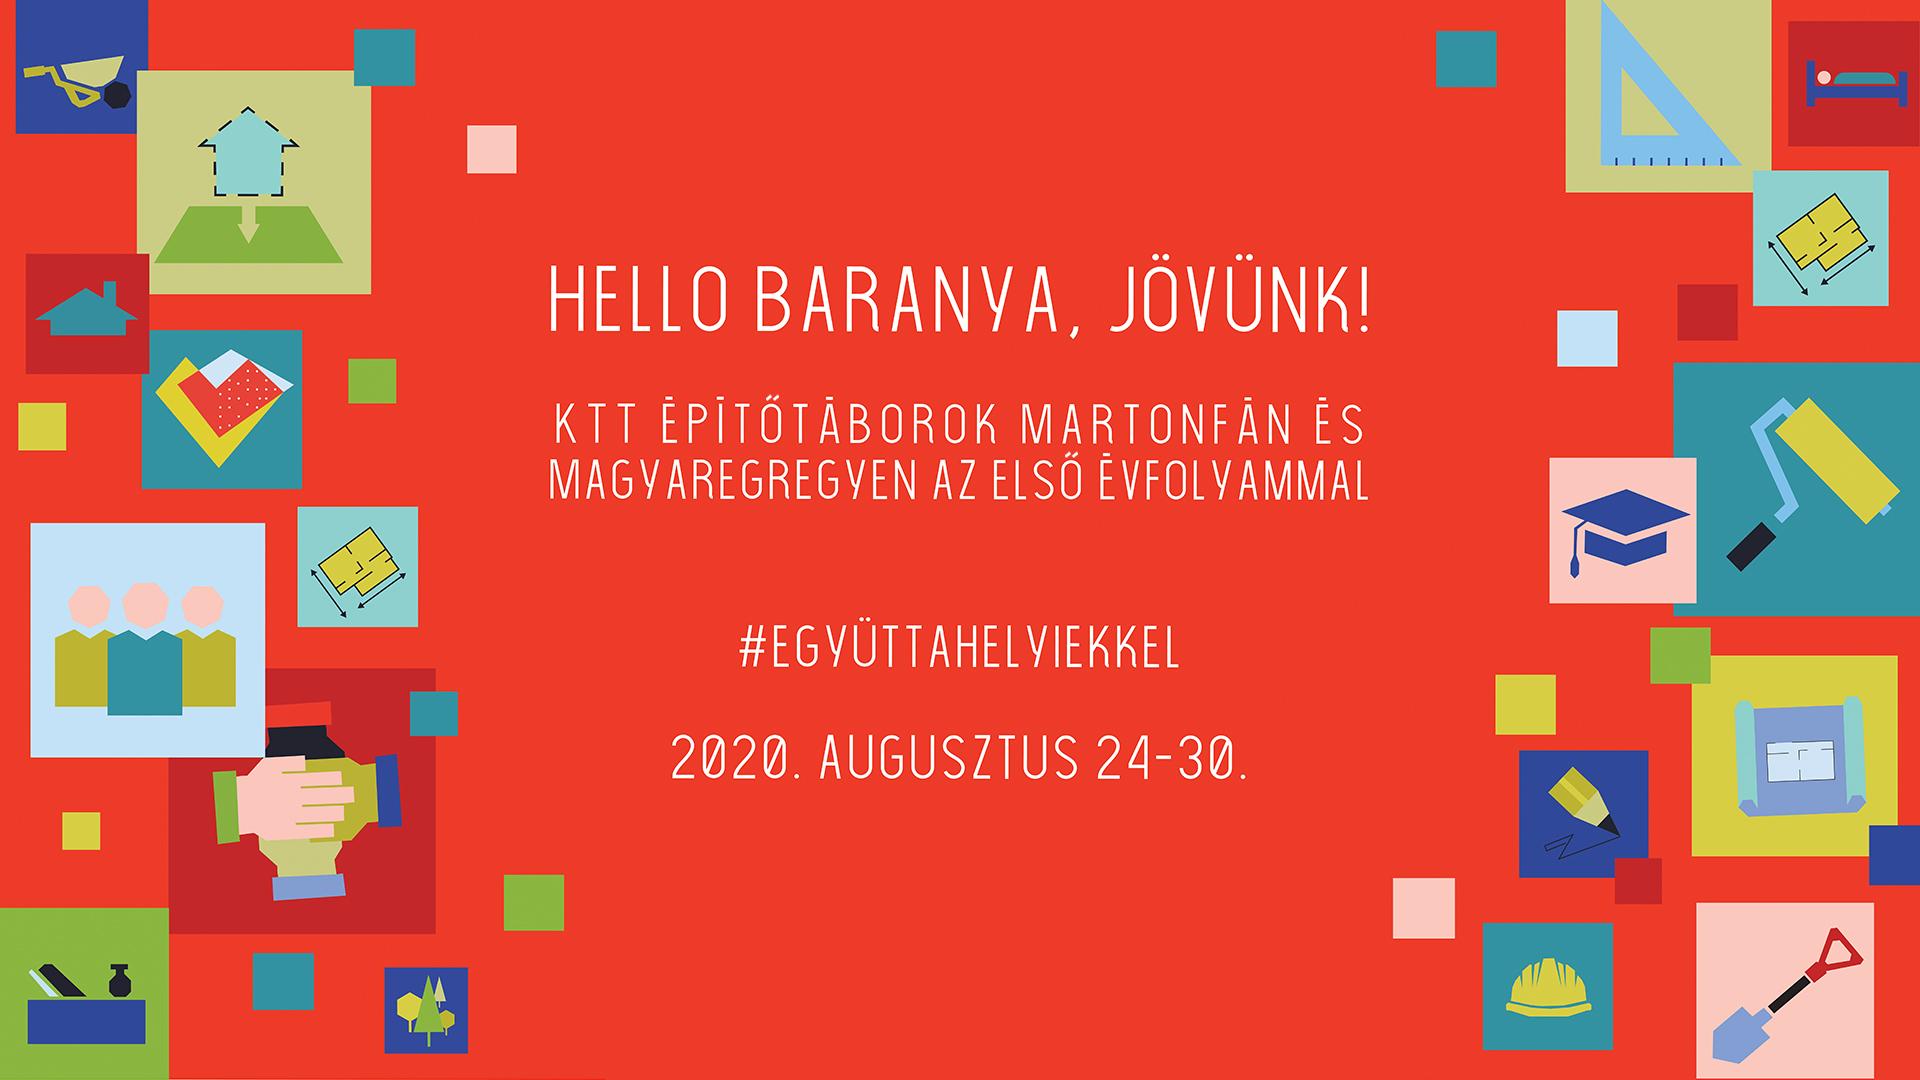 ktt_baranya_web_cover_20_08_2